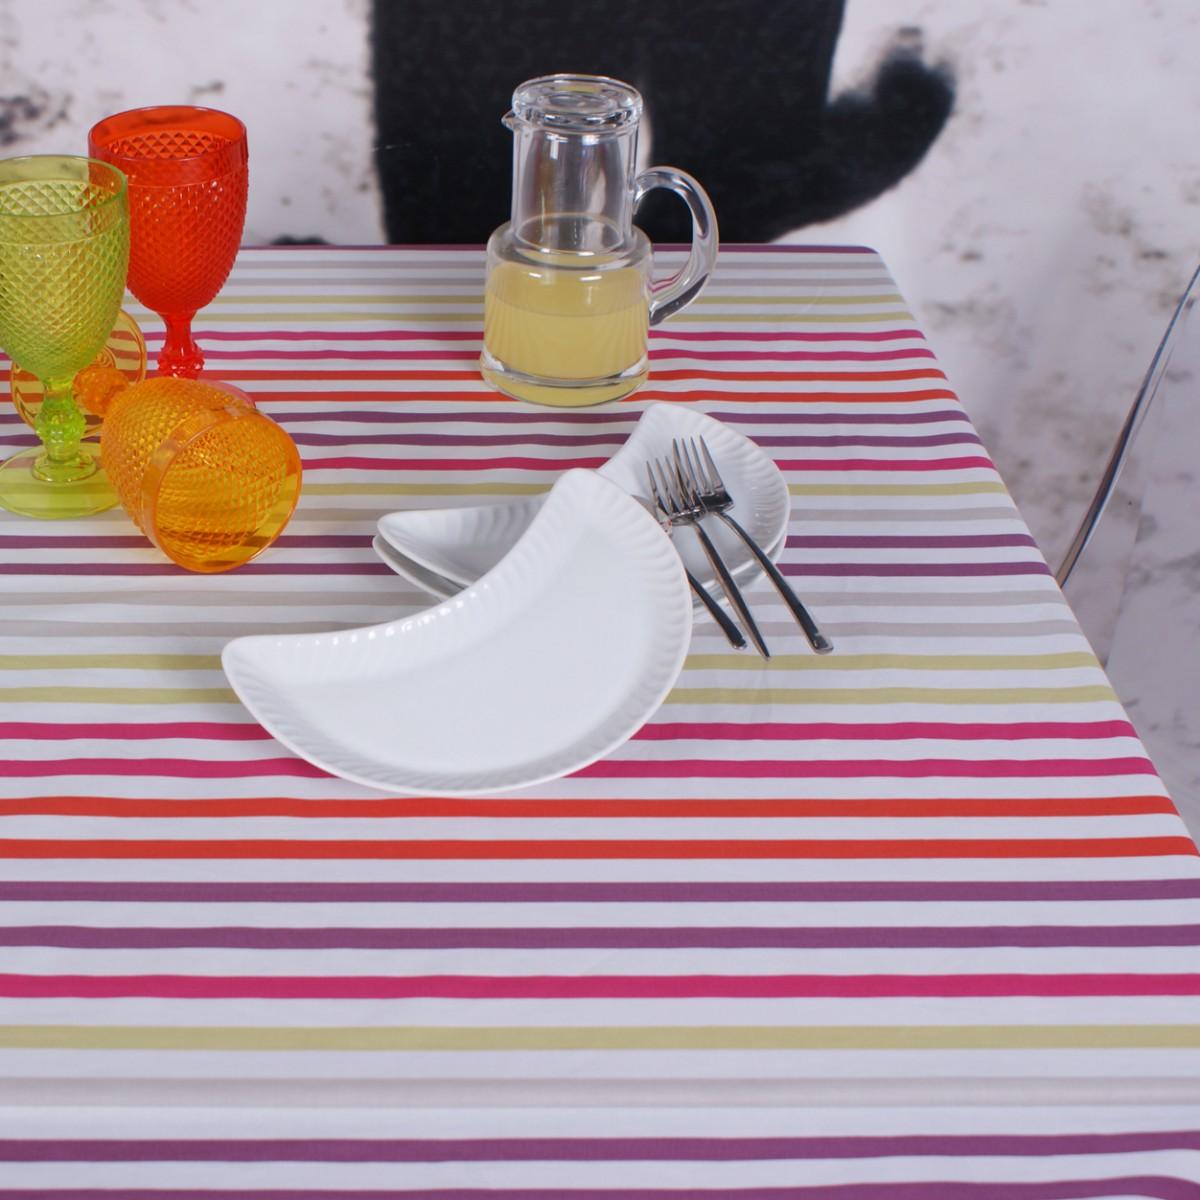 Tutti fruti - Coated tablecloth